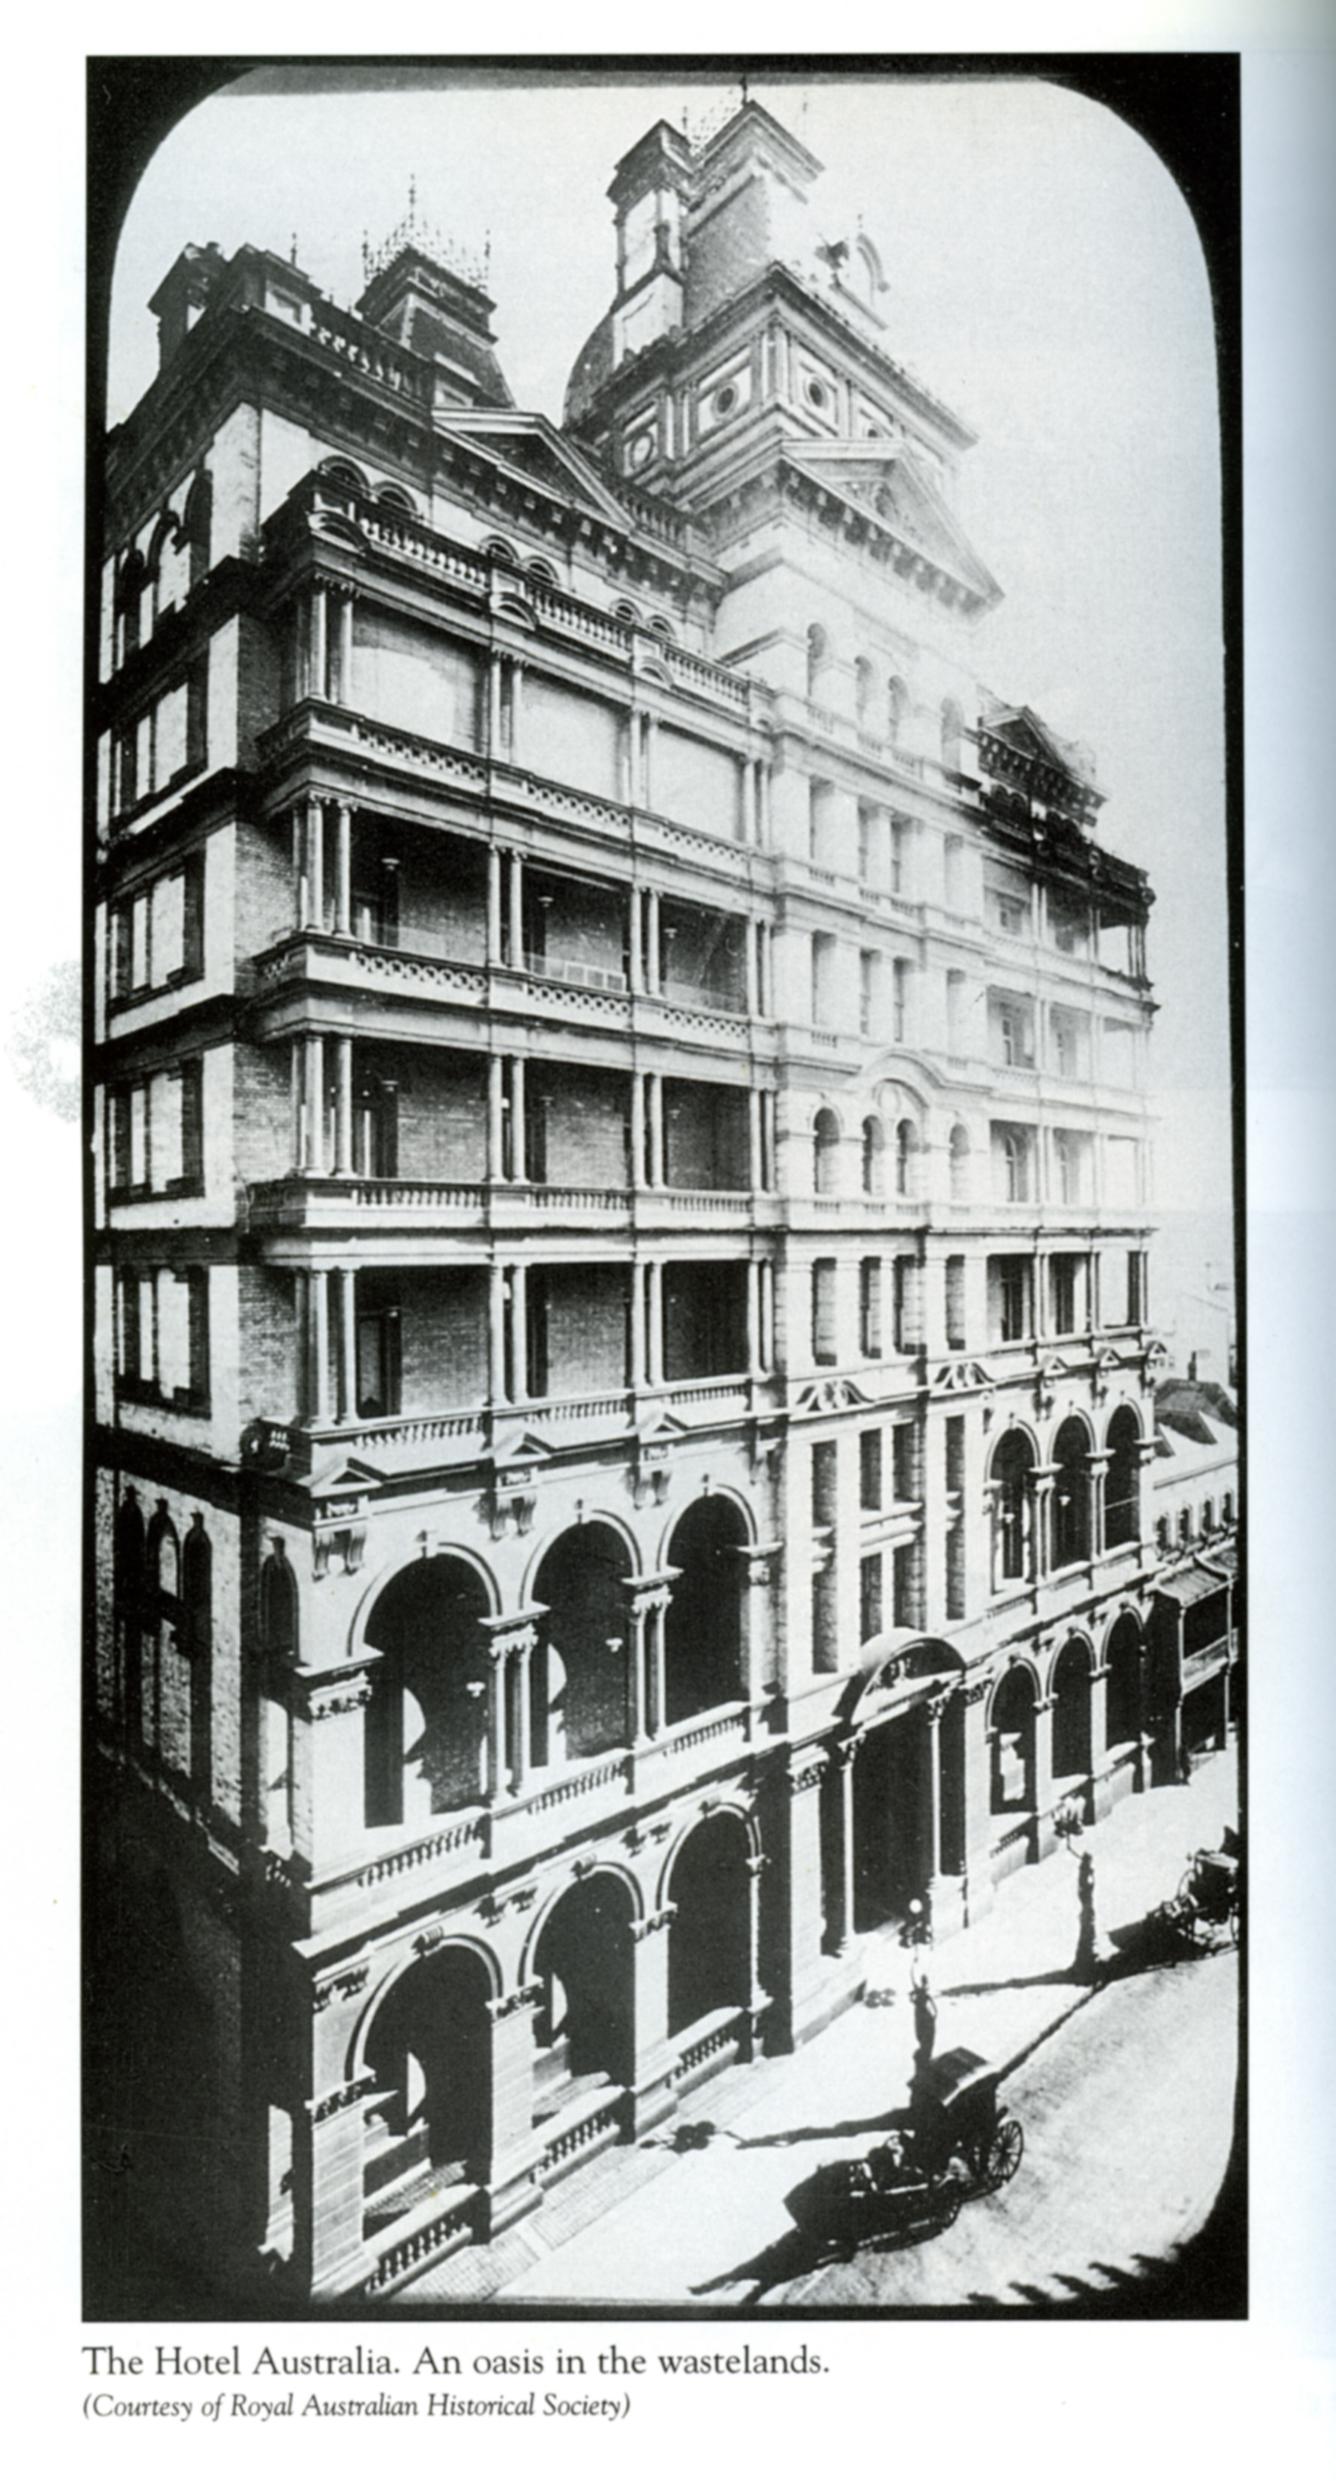 The Hotel Australia